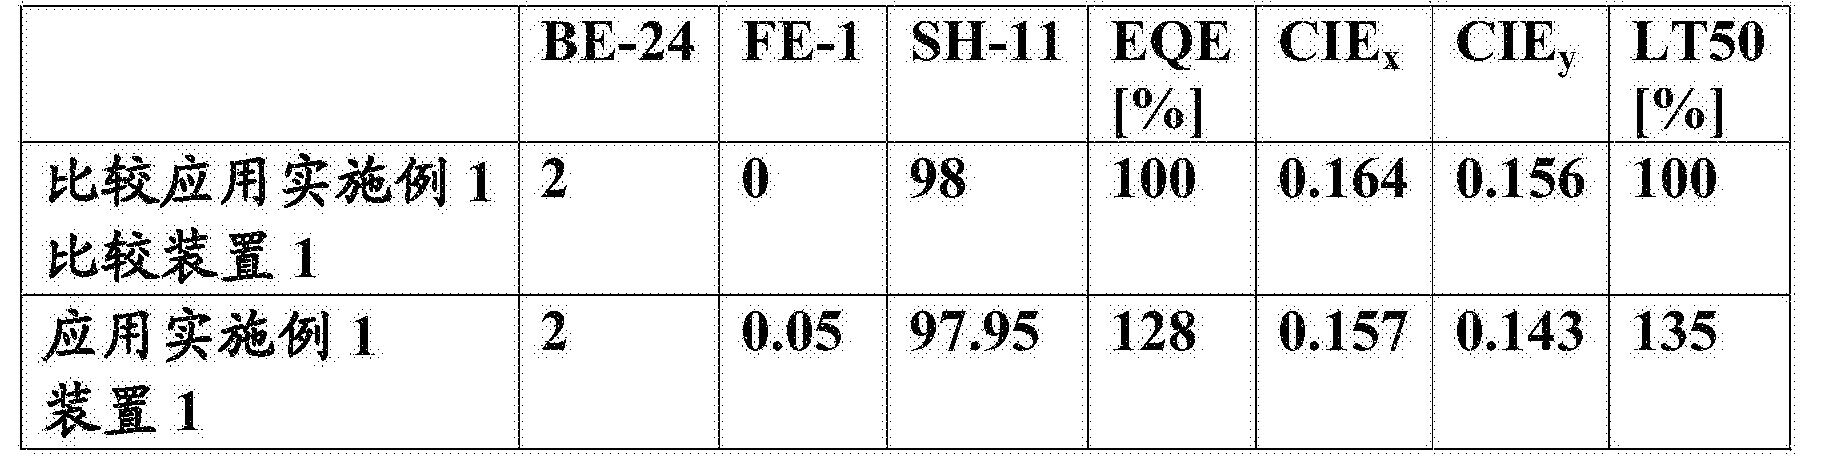 Figure CN105993083BD00651